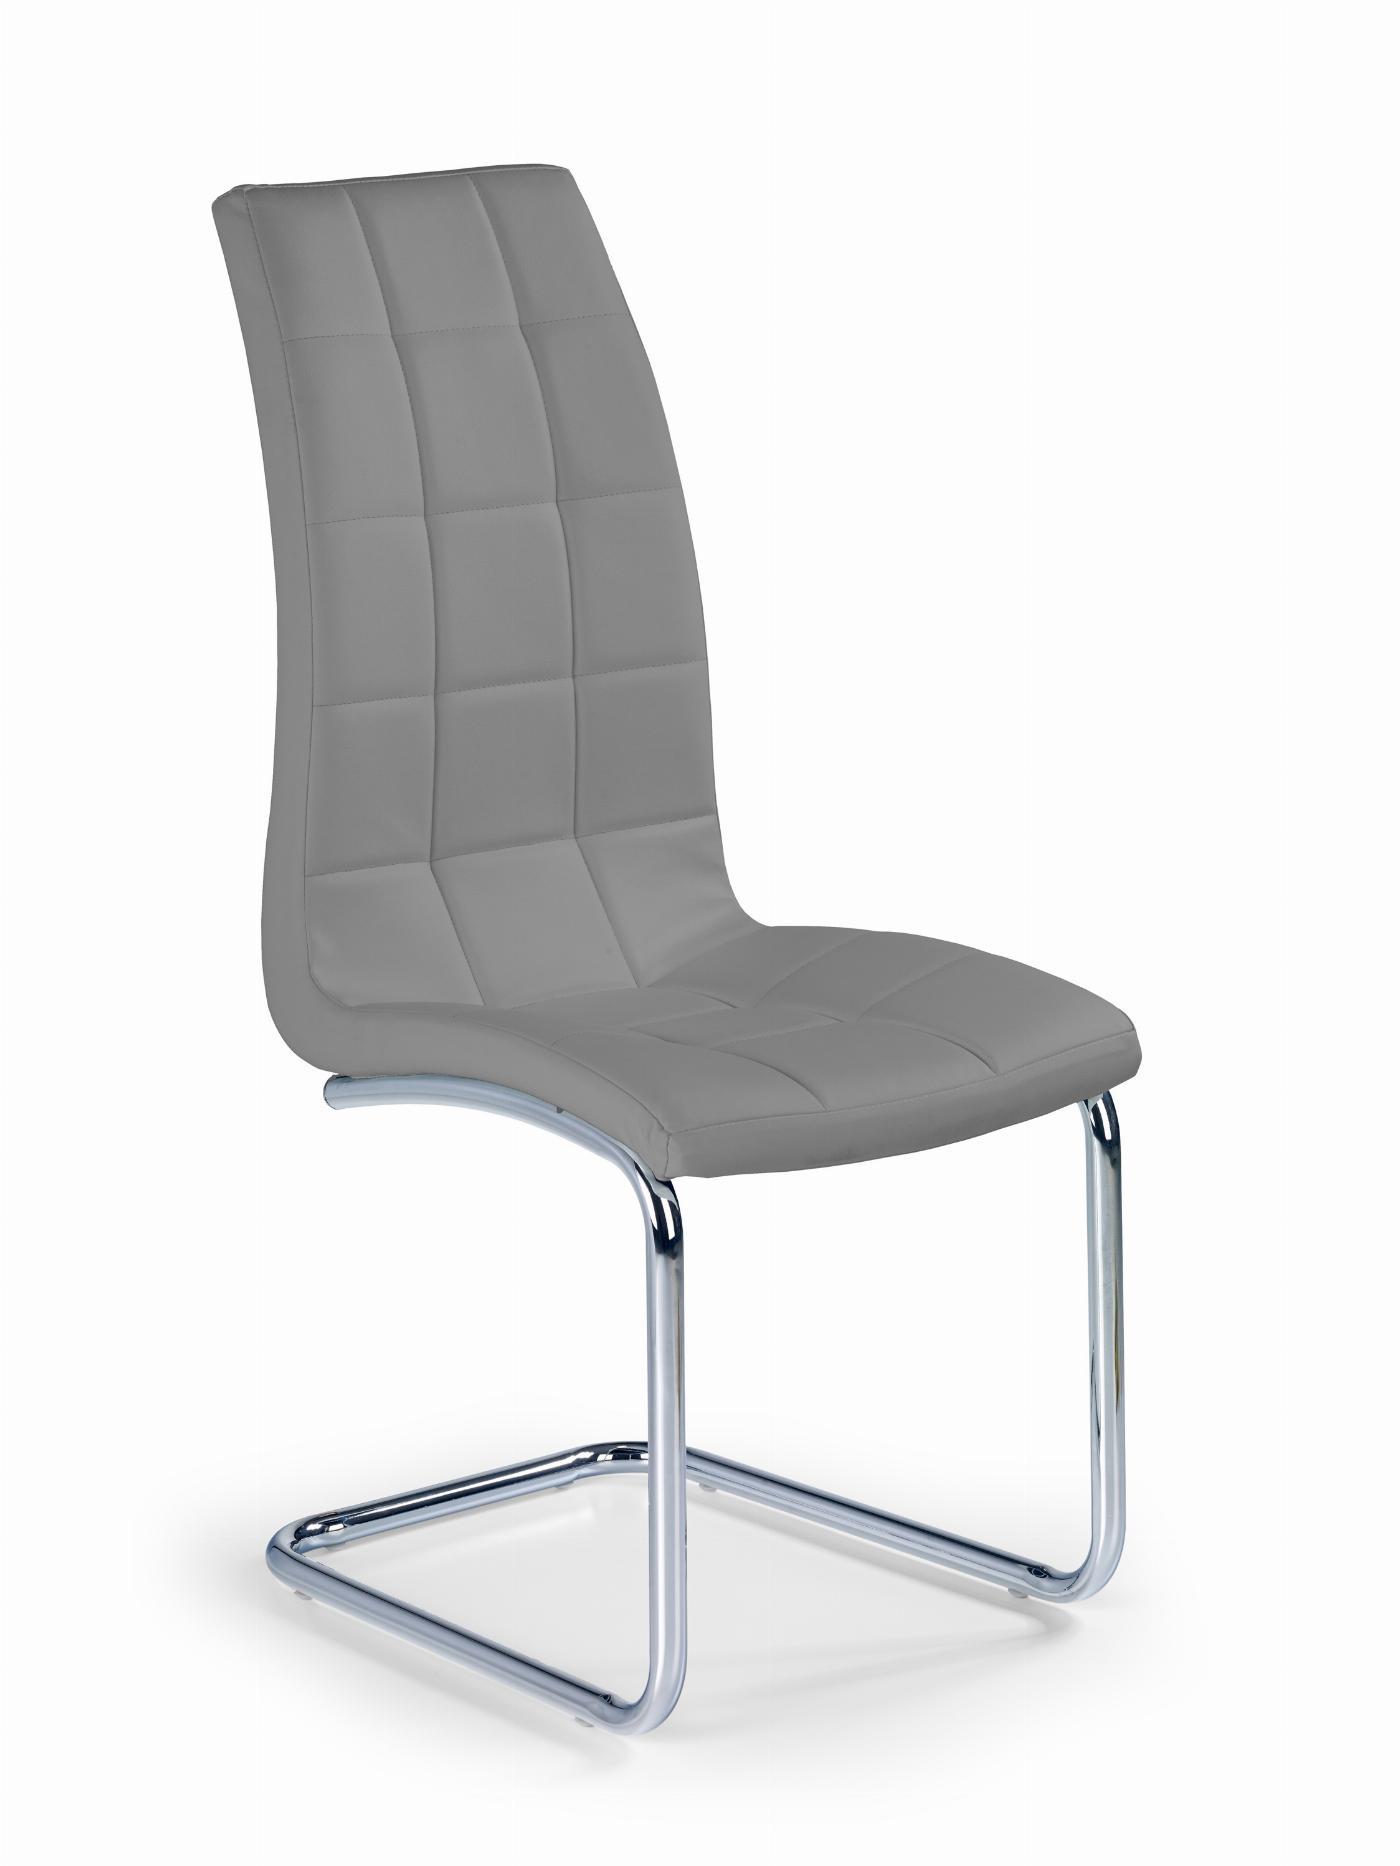 K147 krzesło popiel (2p=4szt)